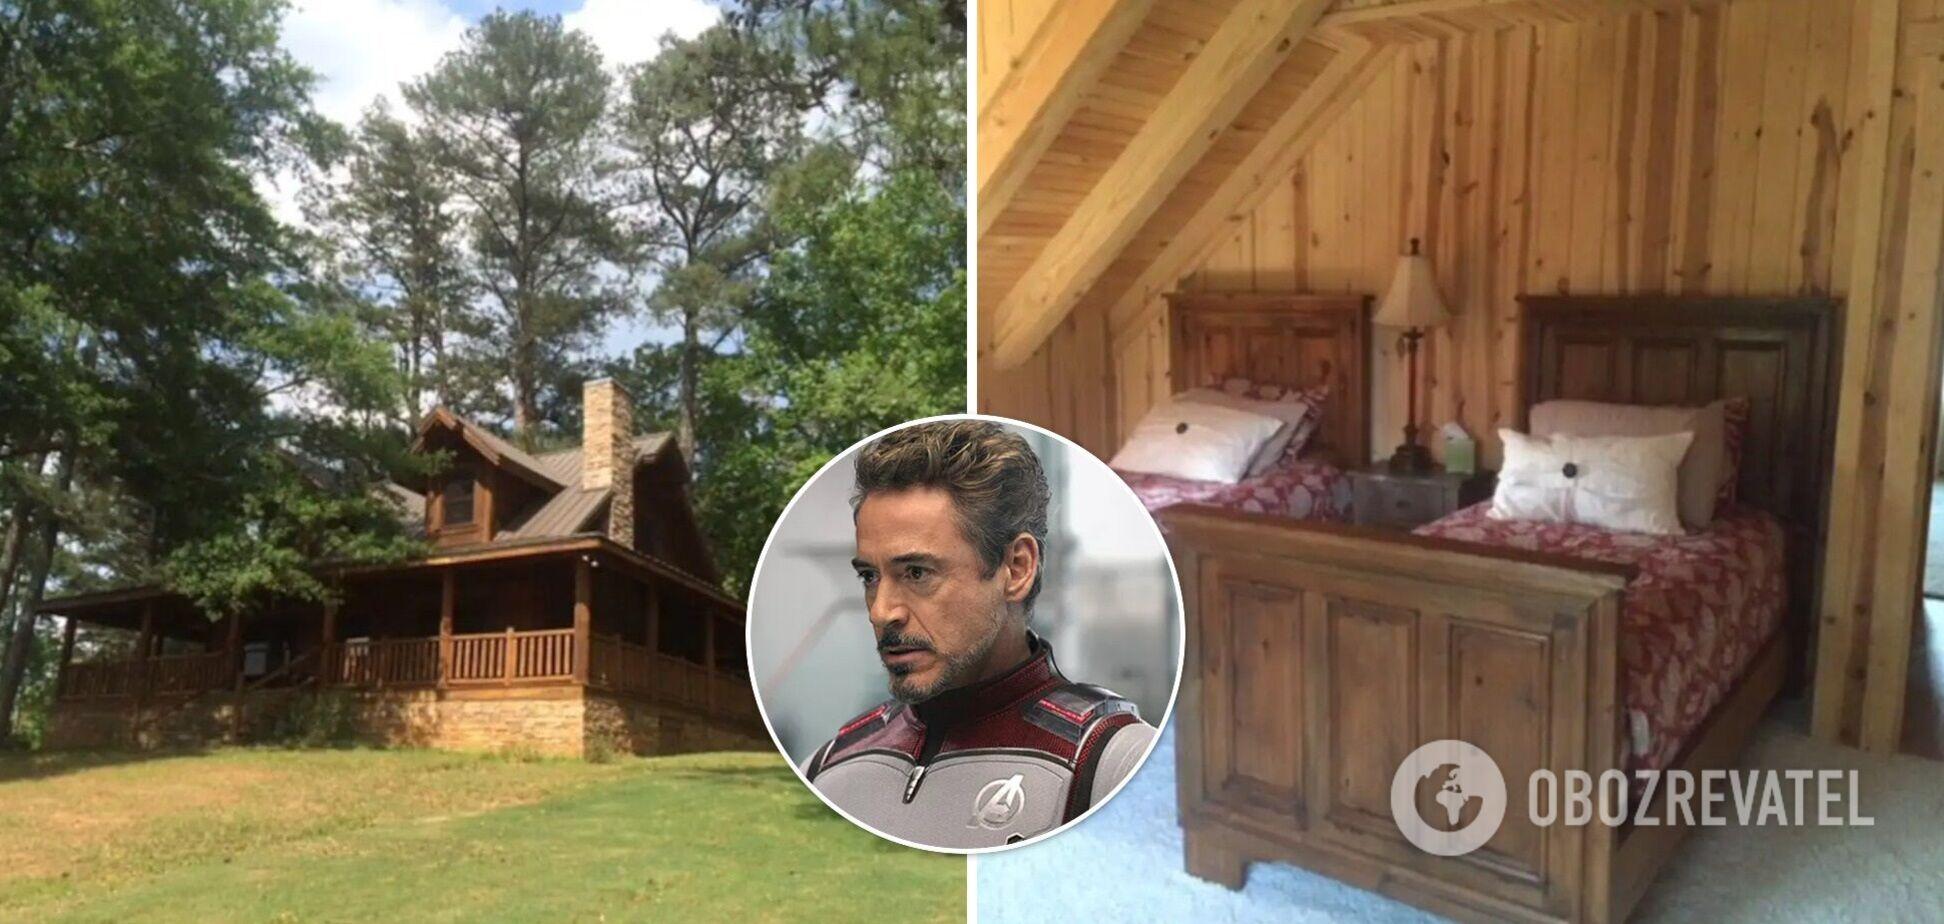 Дом Тони Старка сдается в аренду